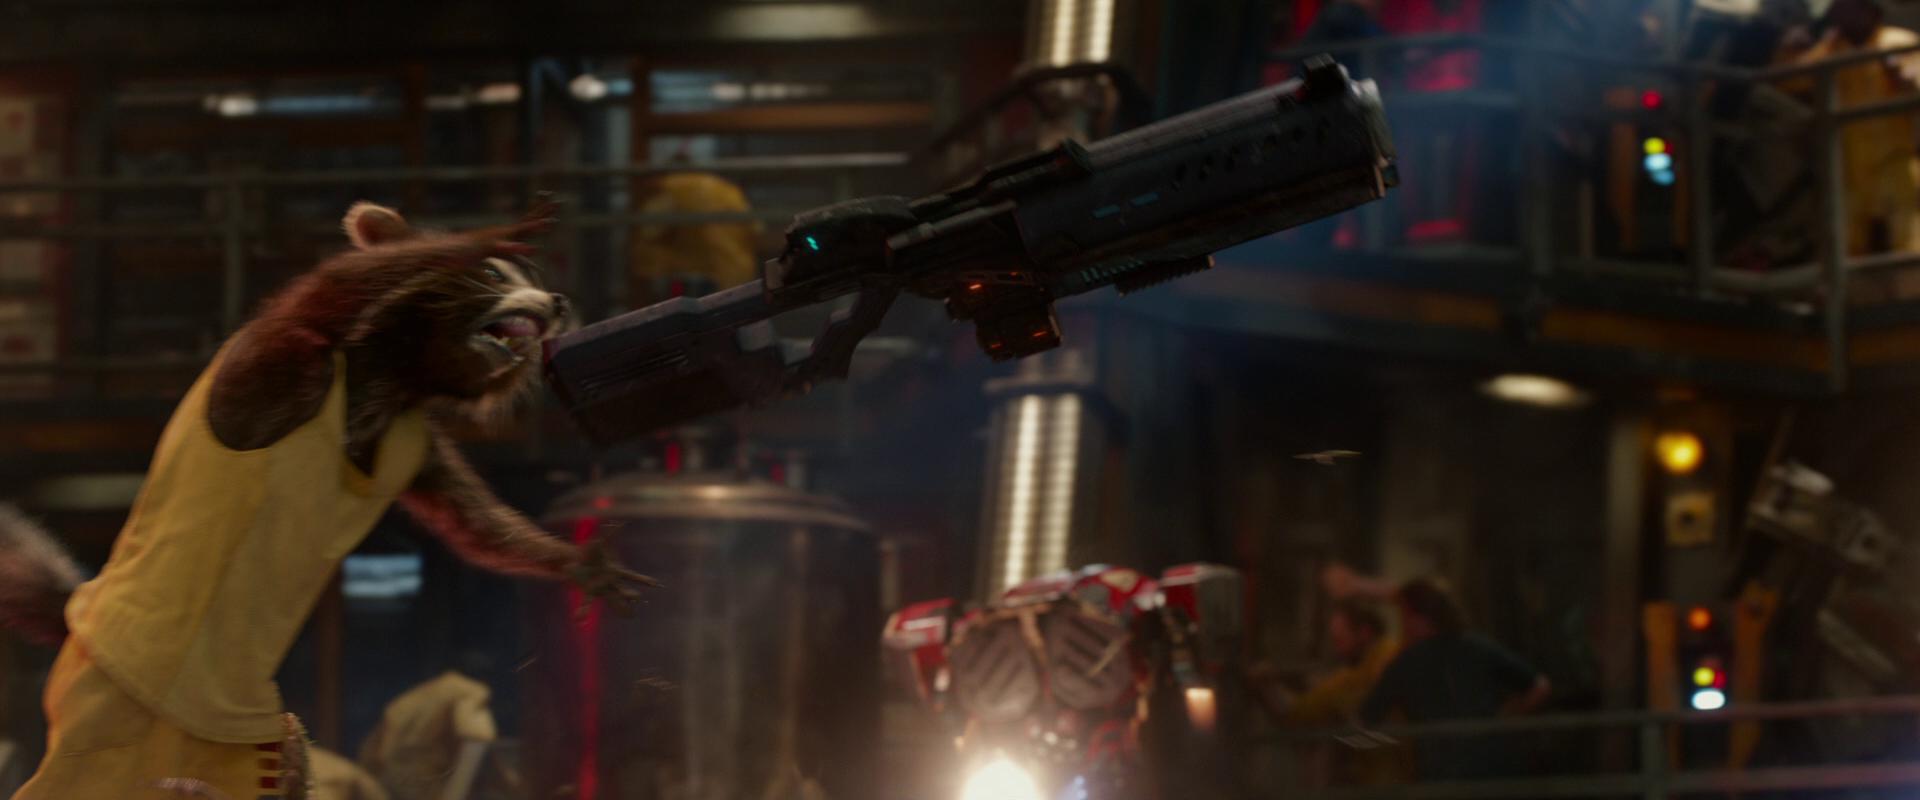 Nova Machine Gun